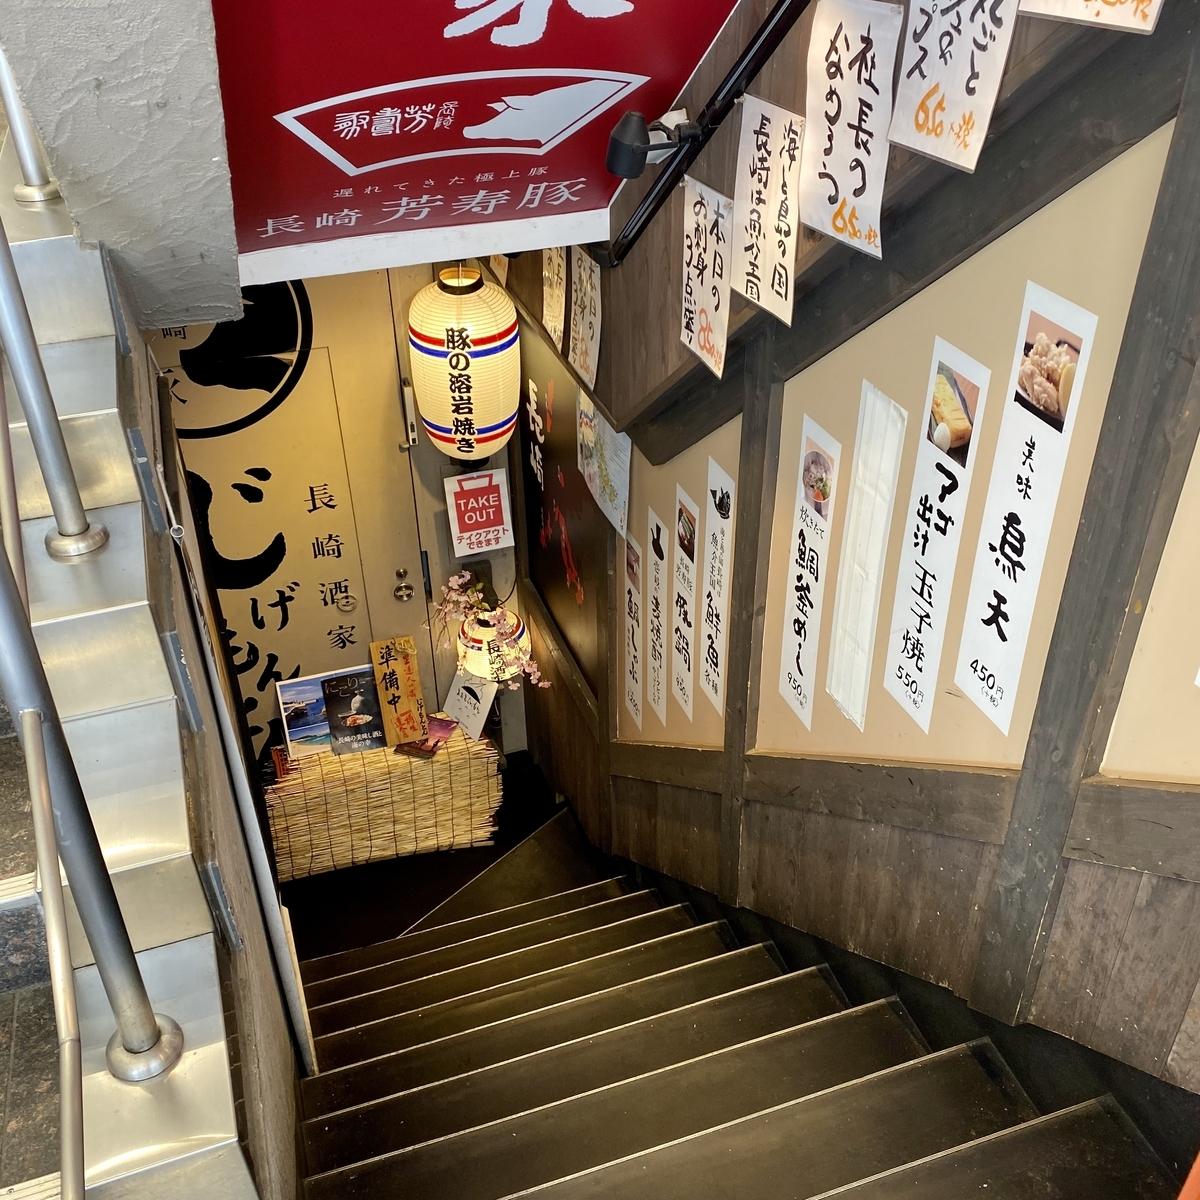 「長崎酒家 吉祥寺じげもんとん」は宴会にぴったりそうな広めな居酒屋でした